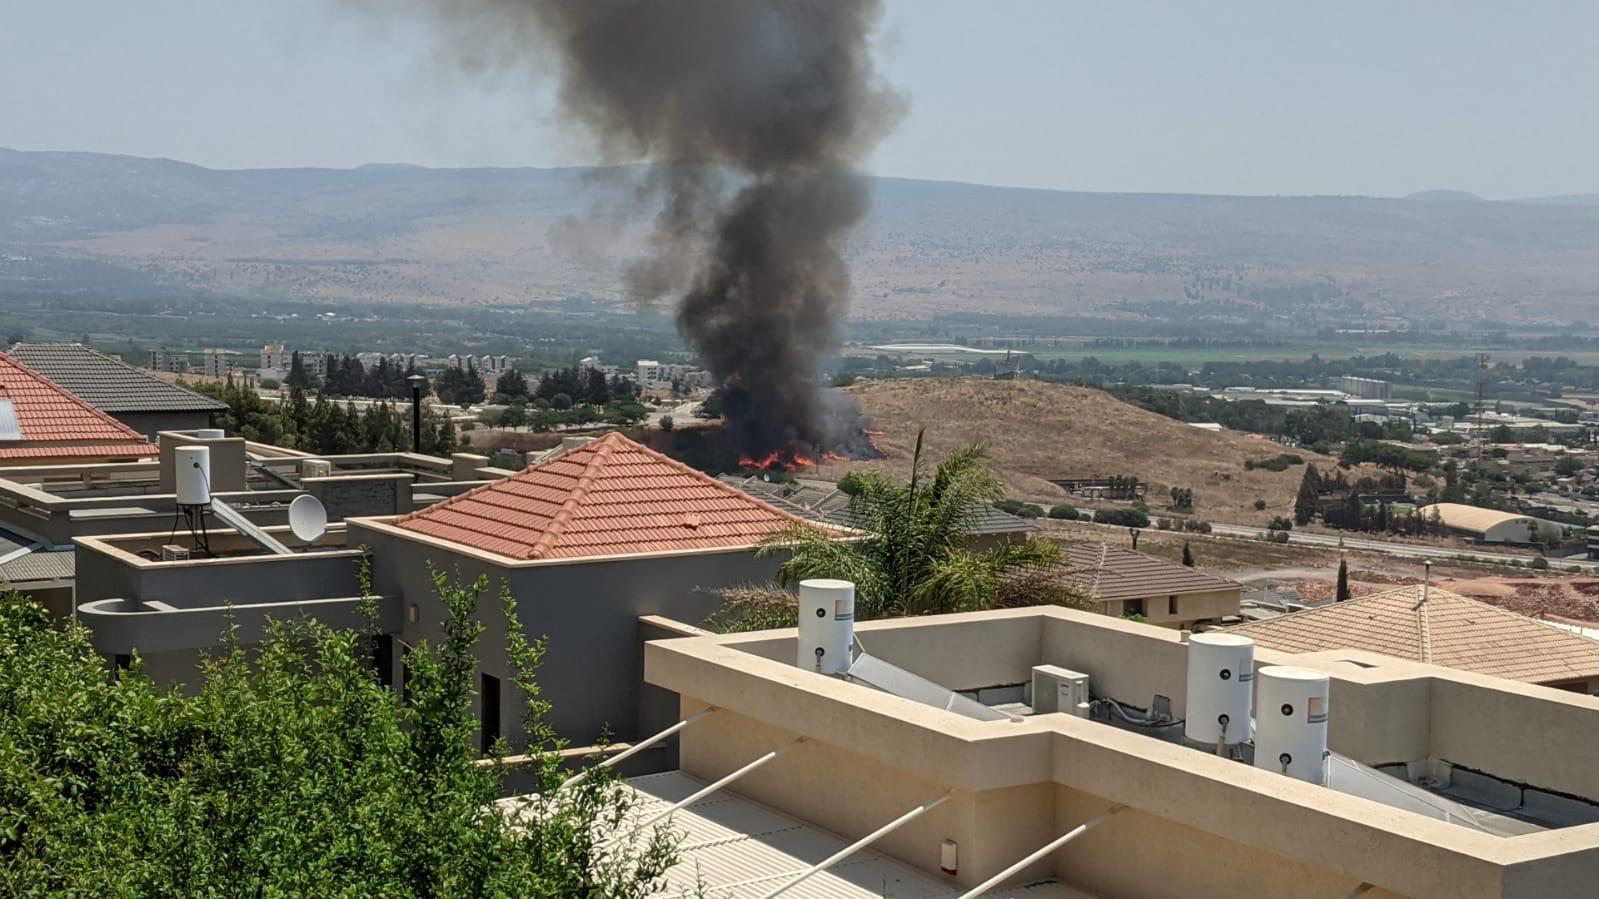 """قصف اسرائيلي على جنوب لبنان بعد سقوط صواريخ في """"كريات شمونة"""" (شاهد)"""